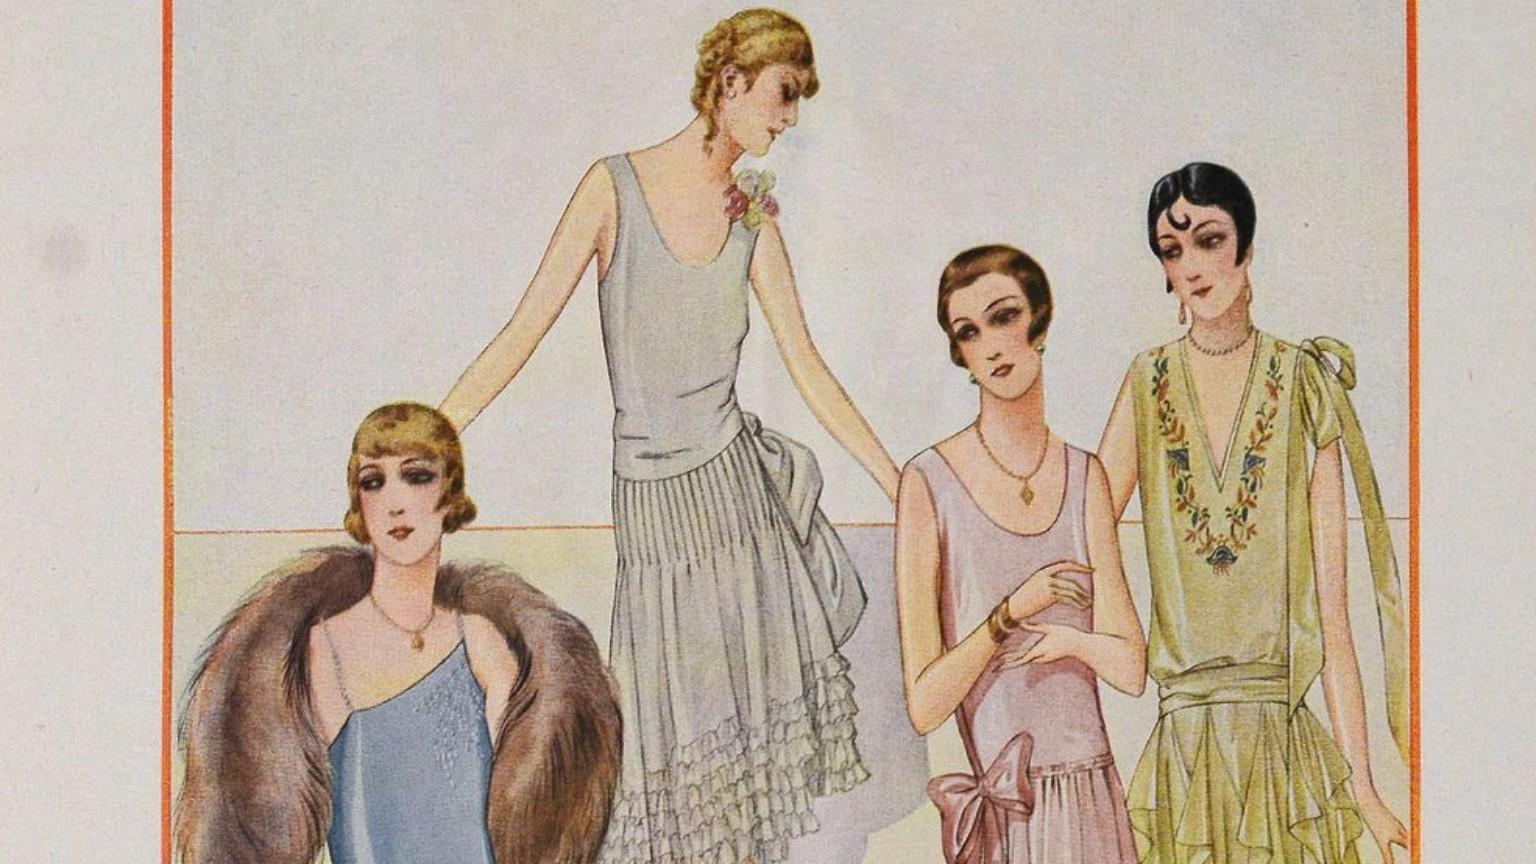 Zdjęcie dla kartki: Przygotowania do Sylwestra 1928